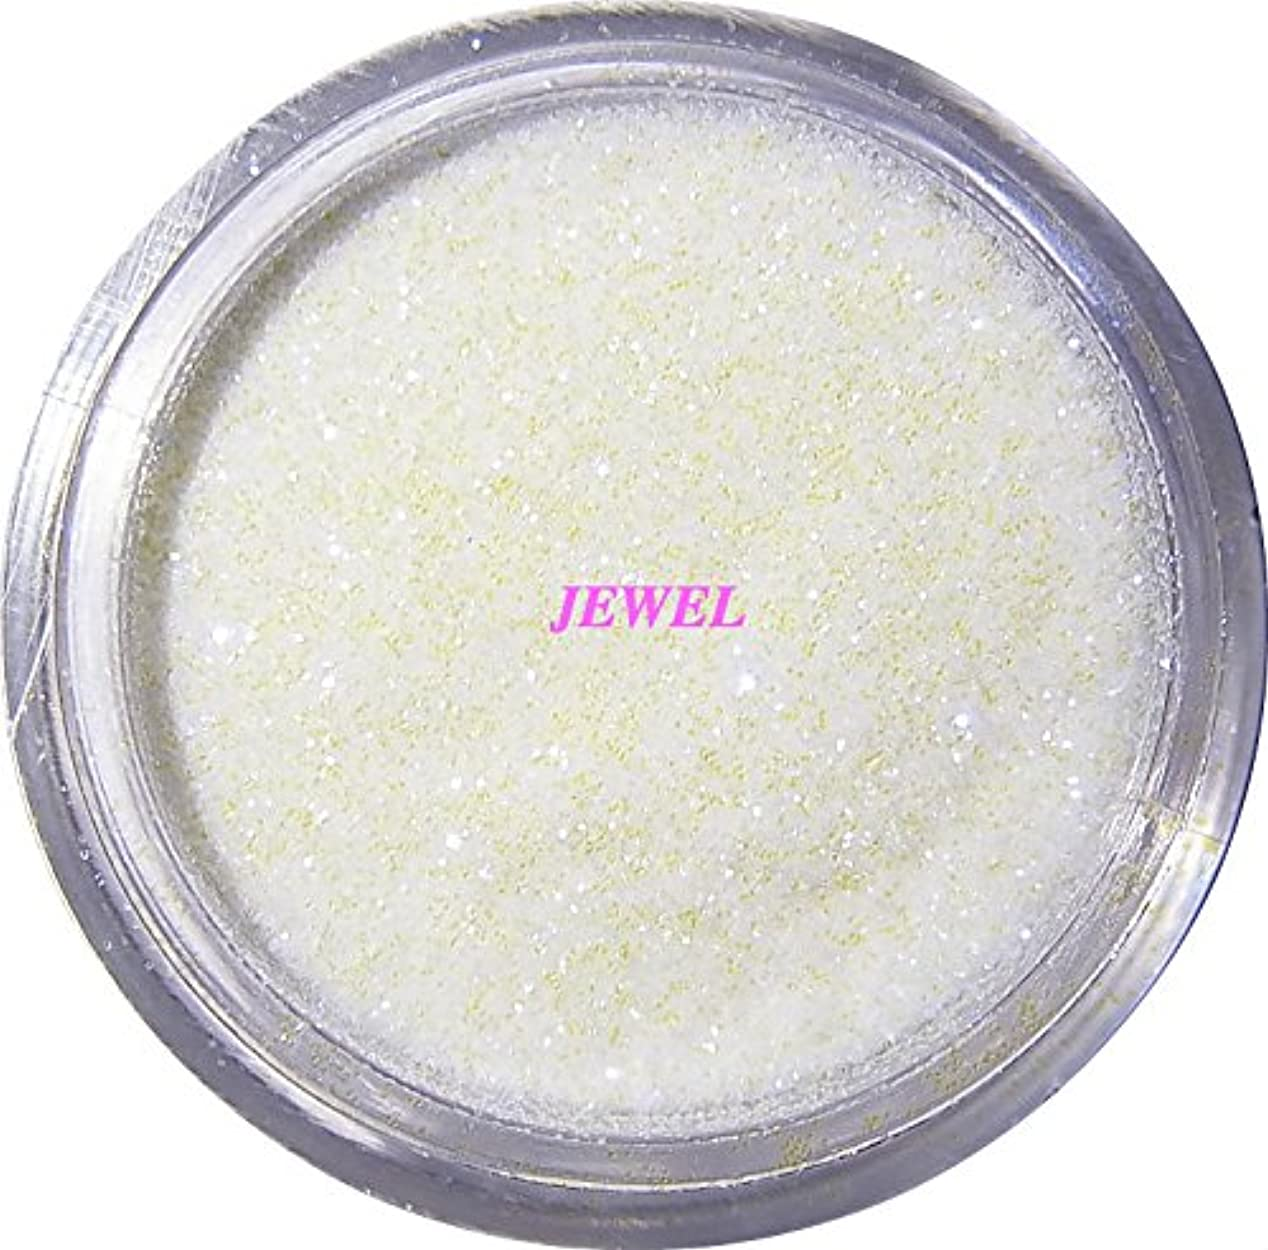 大胆不敵王女重要な【jewel】 超微粒子ラメパウダーたっぷり2g入り 12色から選択可能 レジン&ネイル用 (パールホワイト)